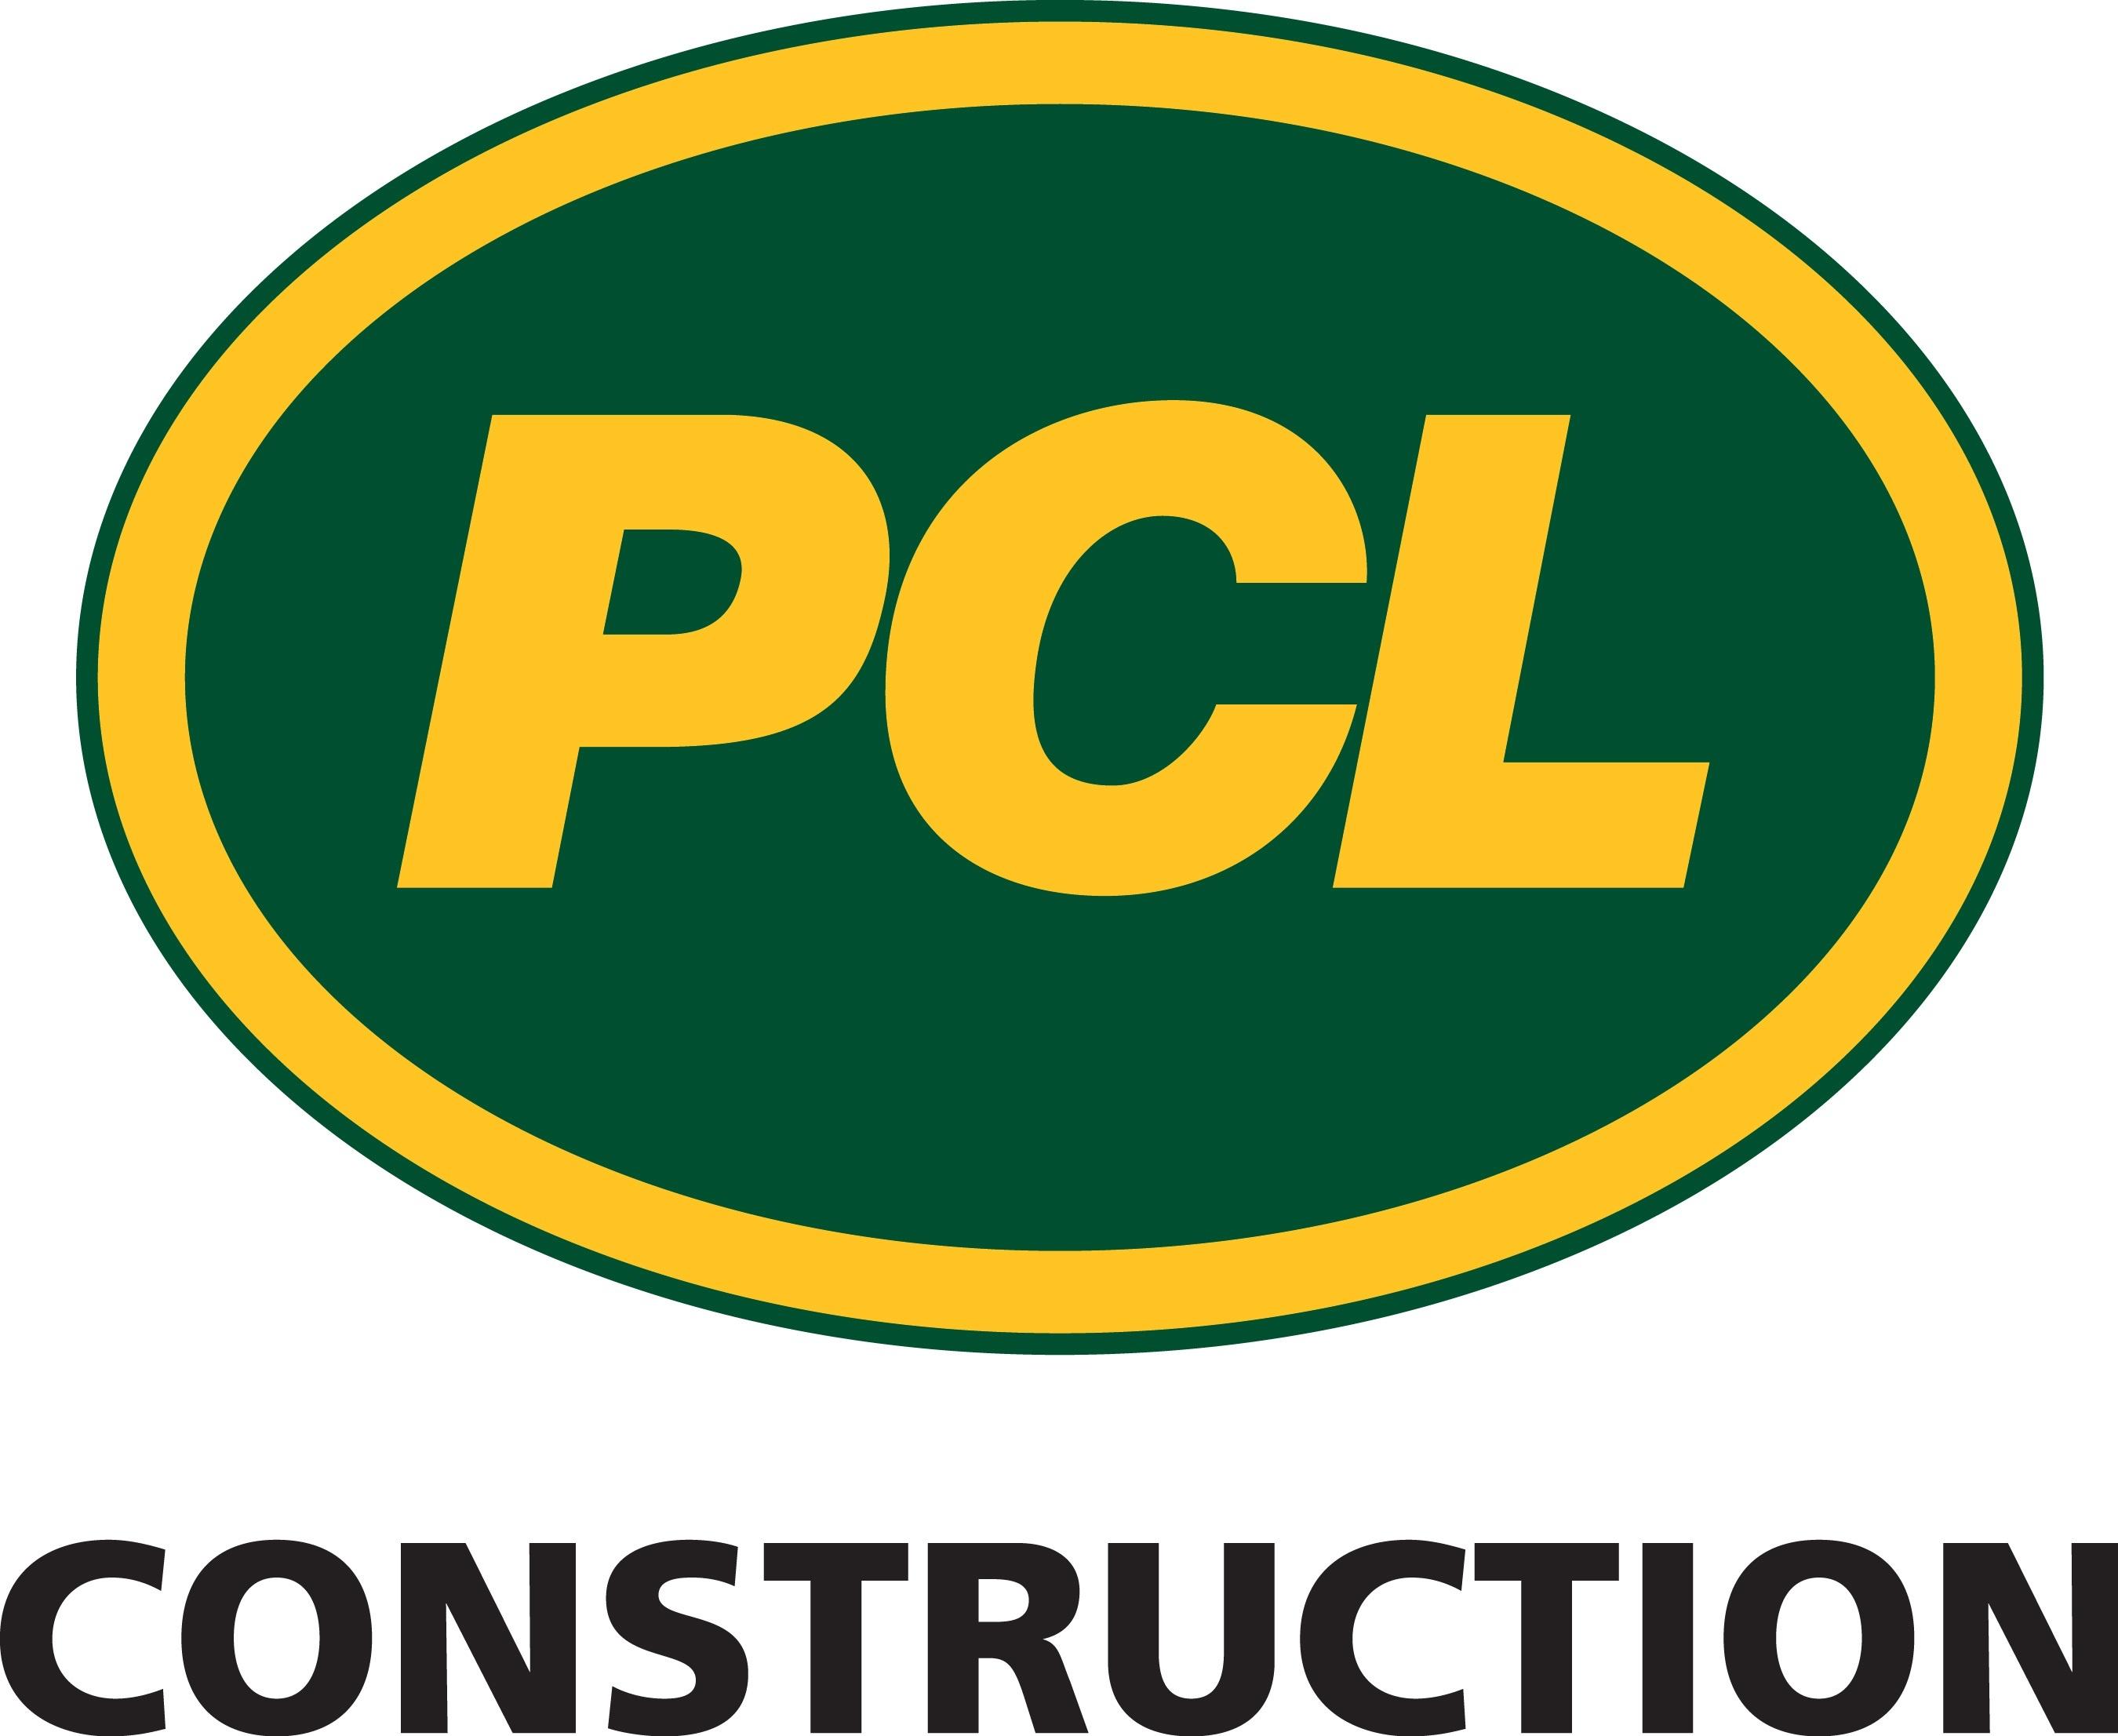 PCL_Construction_color.jpg